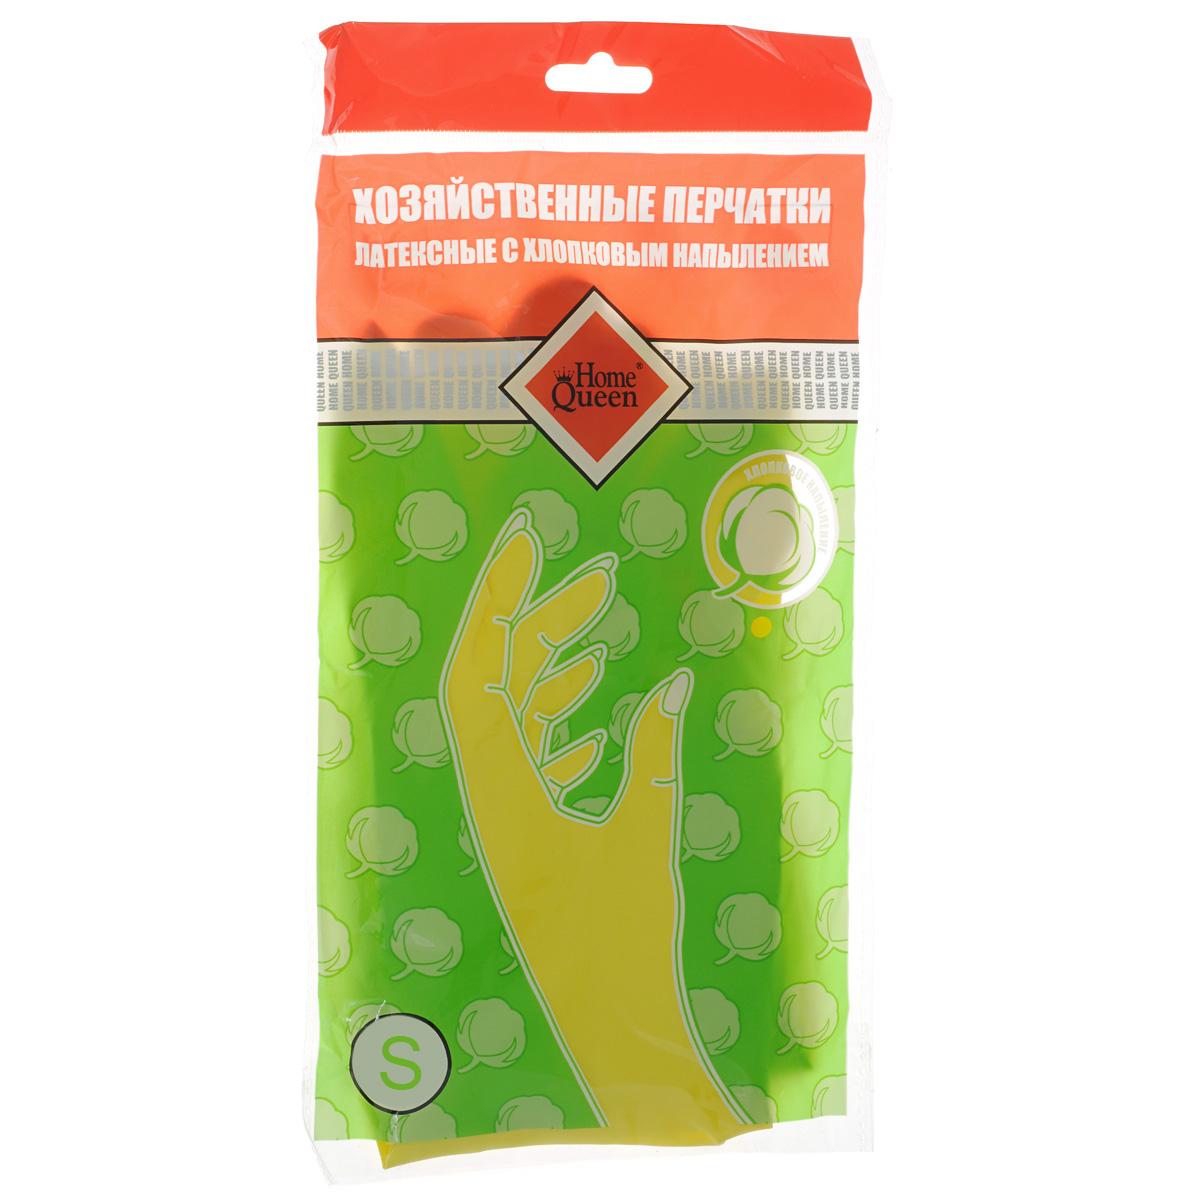 Перчатки латексные Home Queen, с хлопковым напылением. Размер S57106SПерчатки Home Queen защитят ваши руки от воздействия бытовой химии и грязи. Подойдут для всех видов хозяйственных работ. Выполнены из латекса с хлопковым напылением.